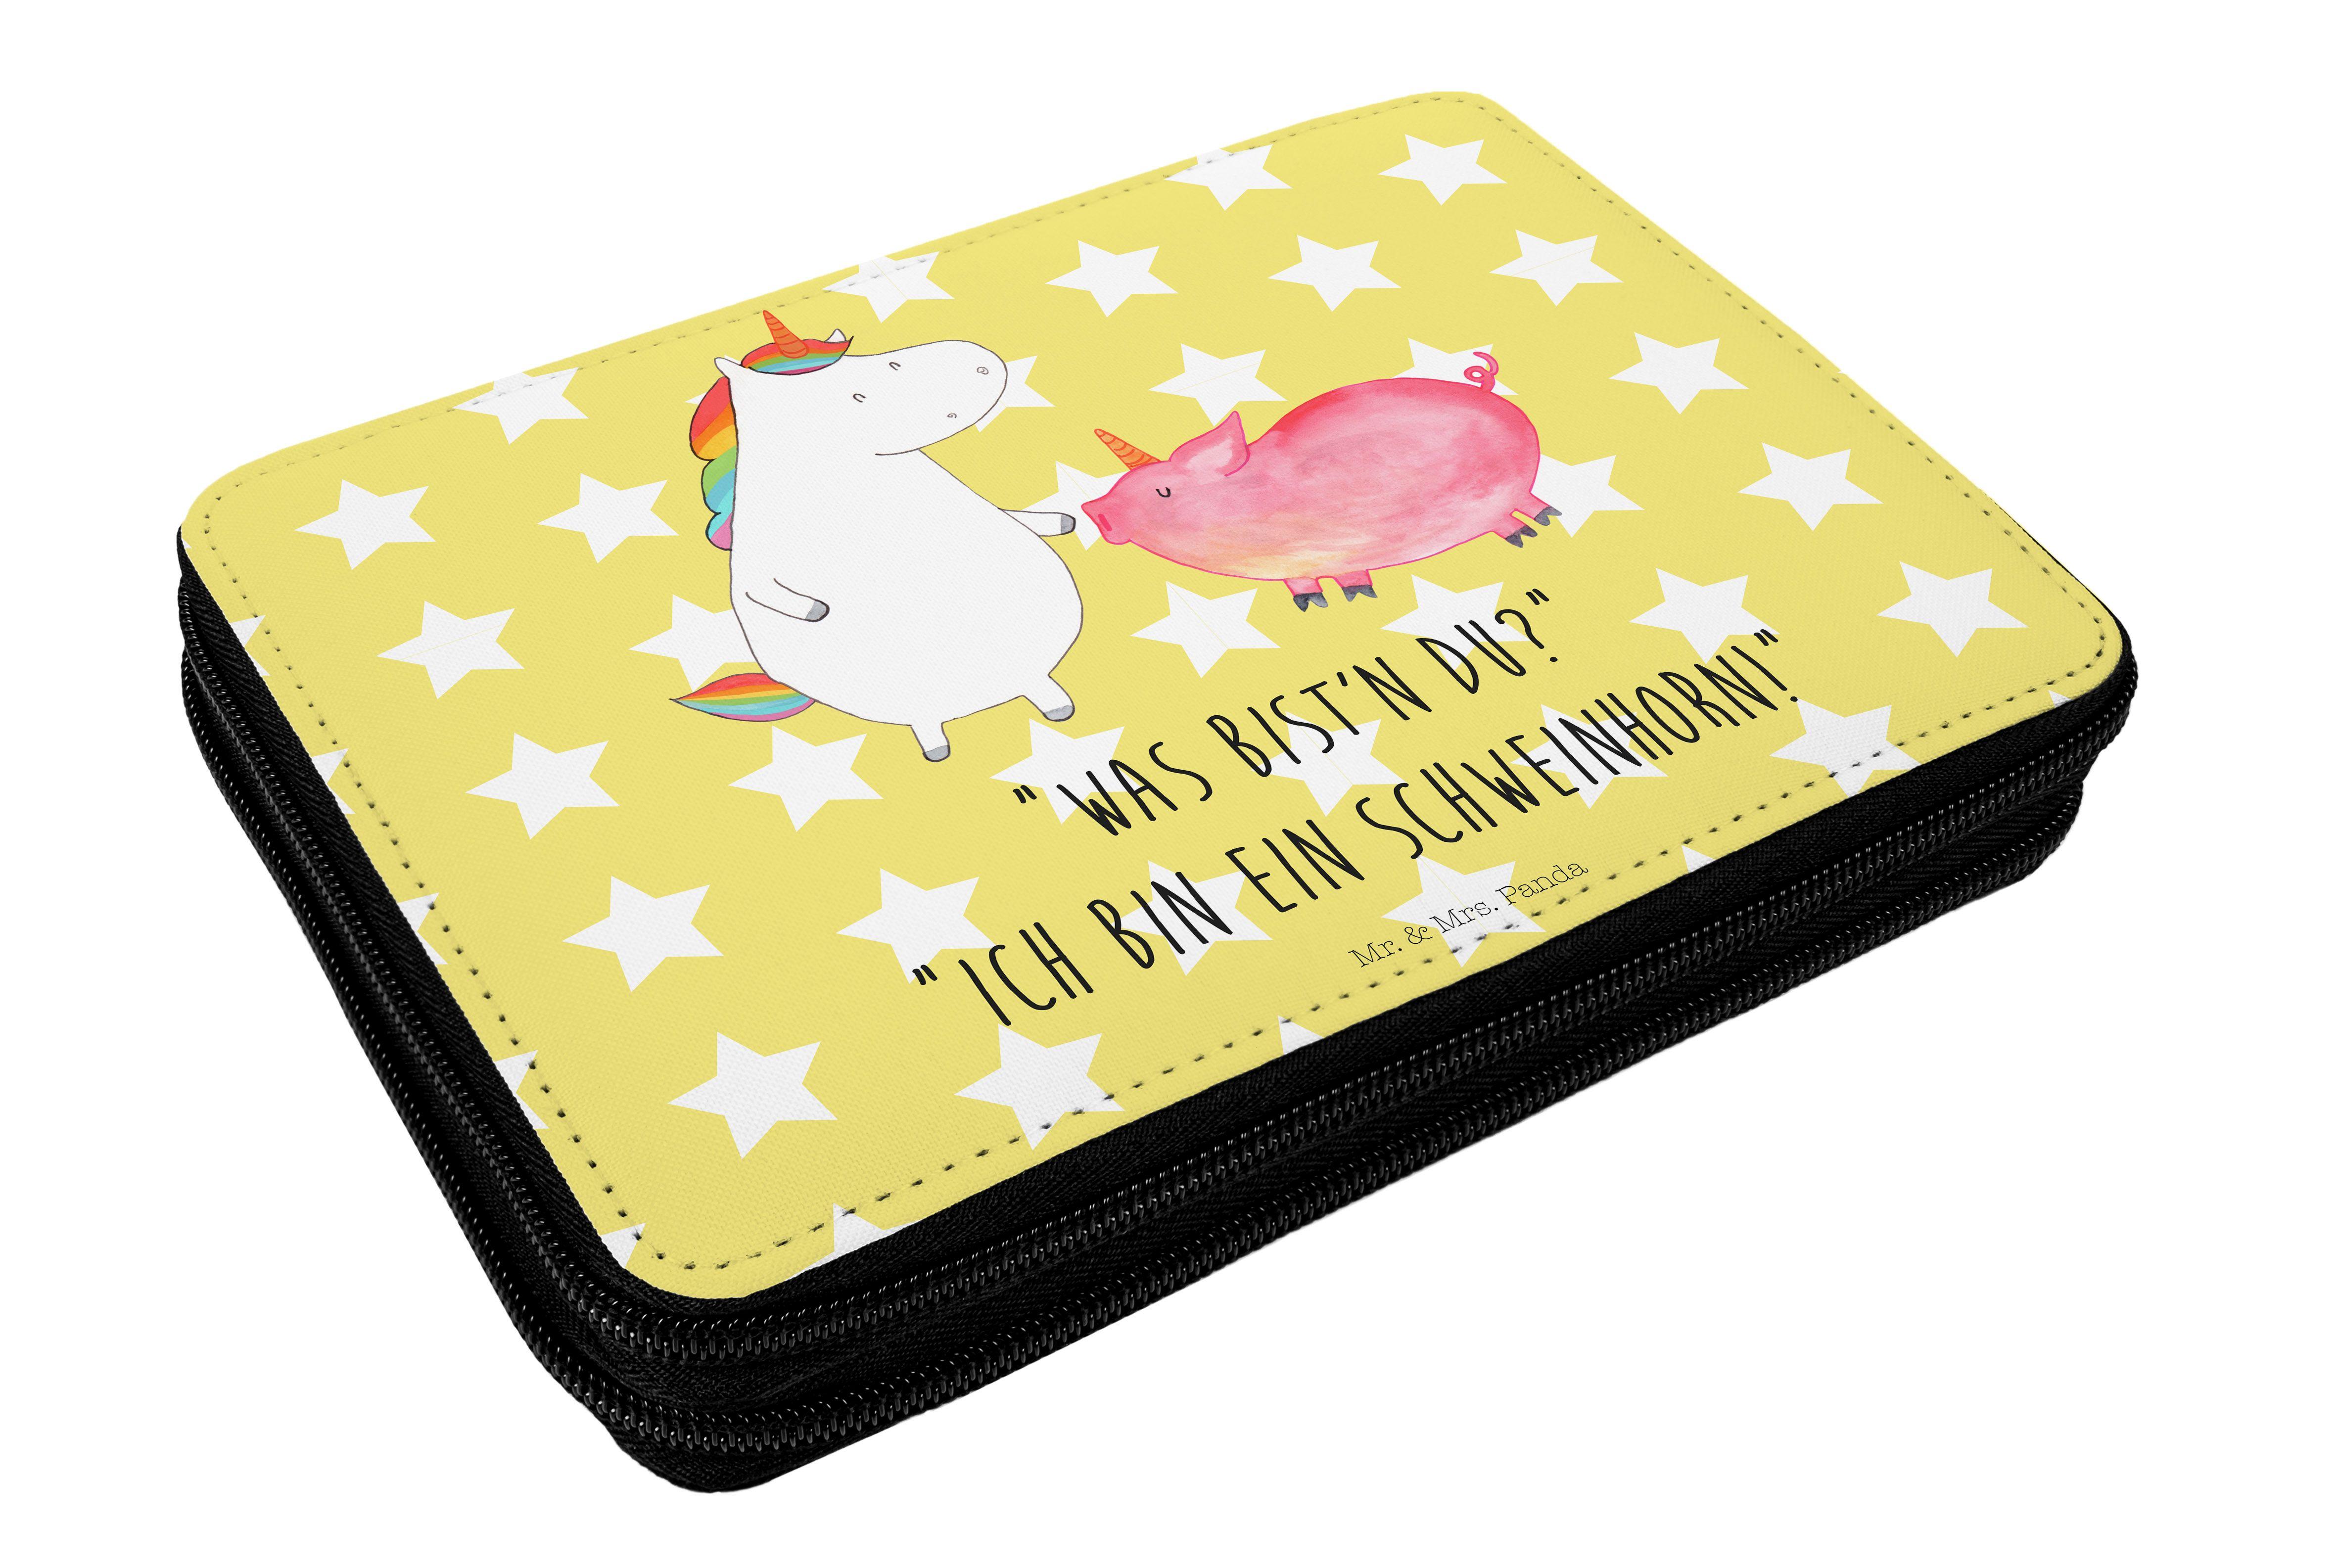 Federmappe Einhorn + Schweinhorn aus Kunstfaser  Natur - Das Original von Mr. & Mrs. Panda.  Diese wunderschöne Federmappe von Mr. & Mrs. Panda ist etwas ganz besonderes. Sie wird liebevoll bedruckt und ist voll bestückt inkl. Bunt- und Filzstiften, Lineal, Spitzer, Radierer. Sie entspricht REACH Verordnung (EG) Nr. 1907/2006     Über unser Motiv Einhorn + Schweinhorn  Ein Einhorn Edition ist eine ganz besonders liebevolle und einzigartige Kollektion von Mr. & Mrs. Panda. Wie immer bei…